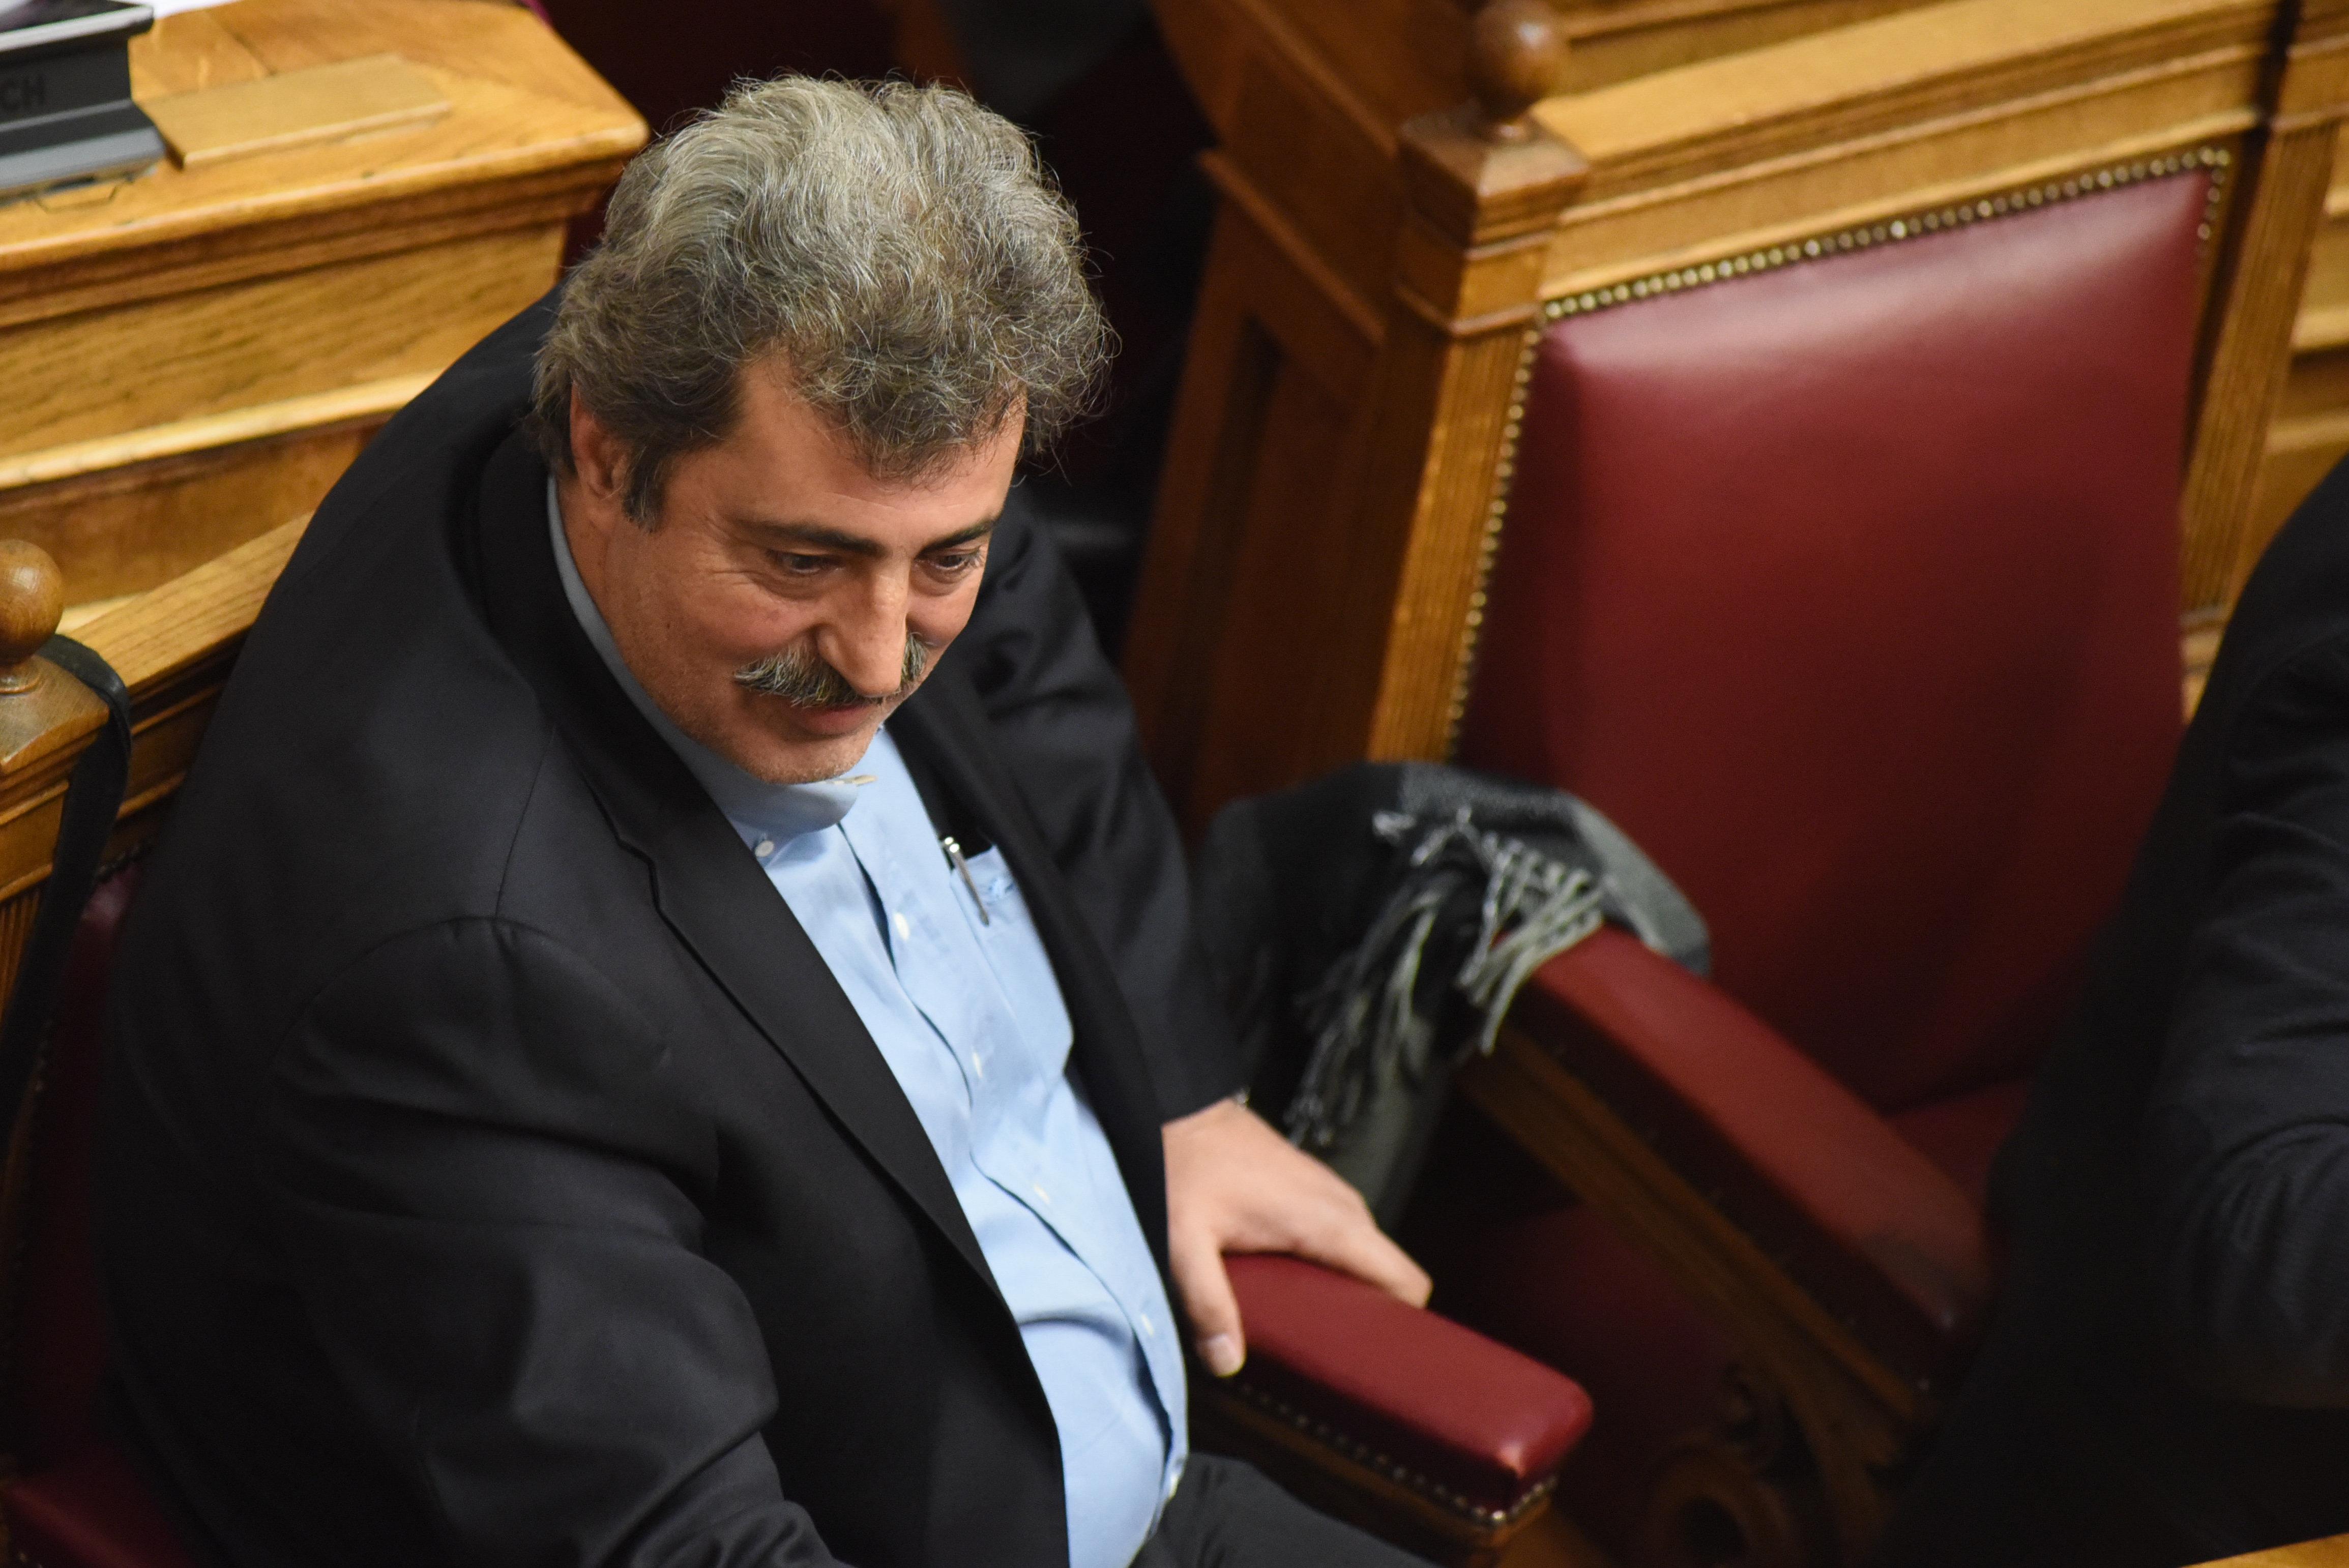 Πρόταση για επιτροπή προανακριτικής εξέτασης για Κουρουμπλή, Ξανθό, Πολάκη καταθέτει η